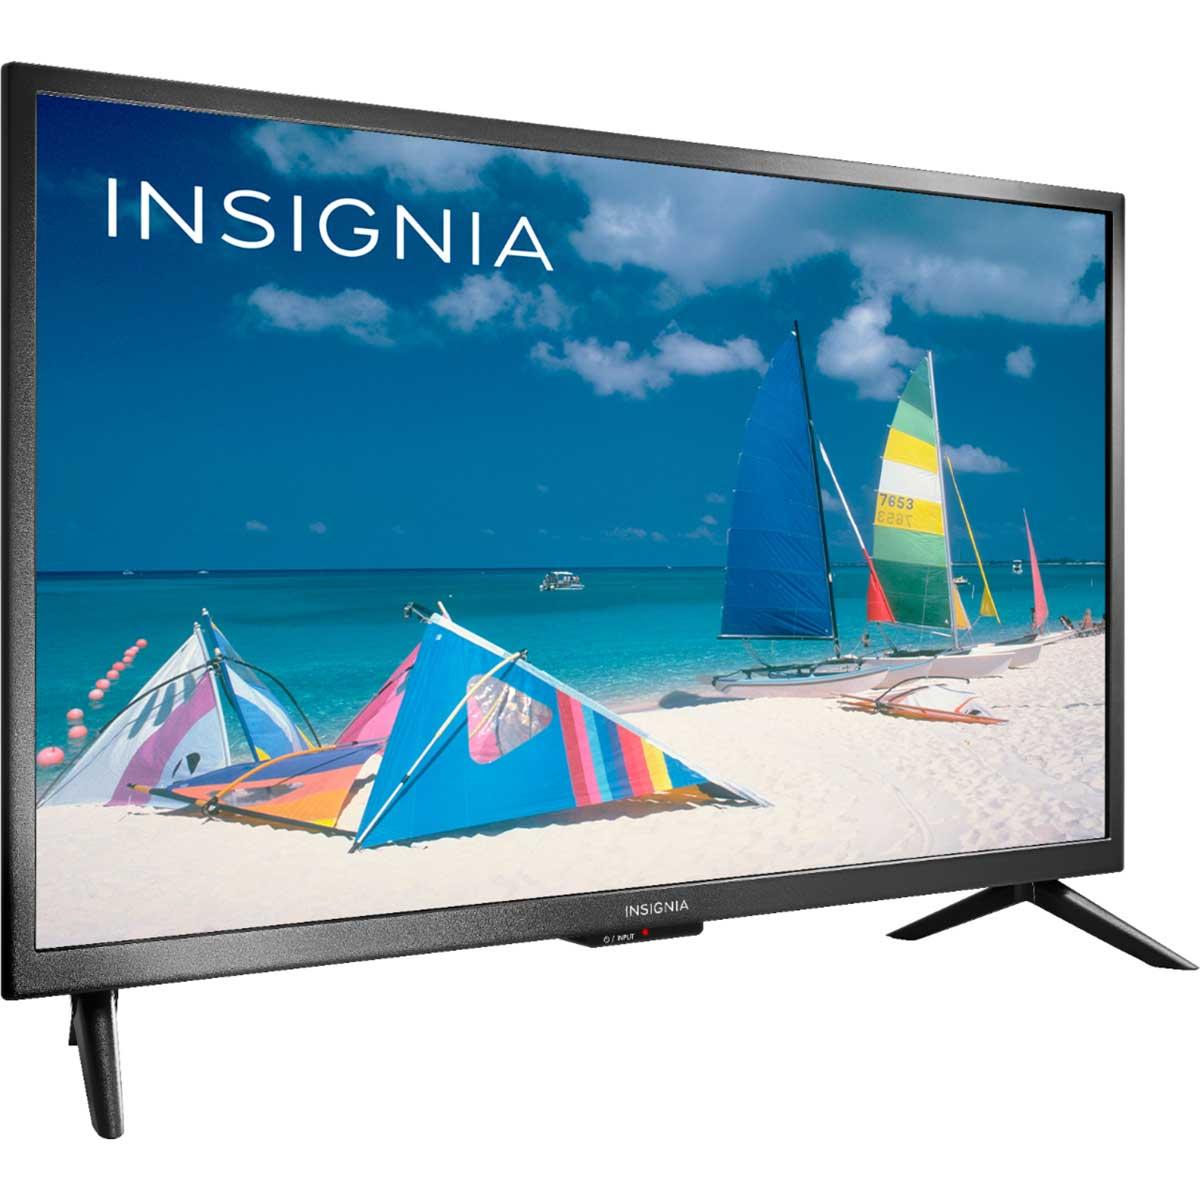 Insignia LED-TV